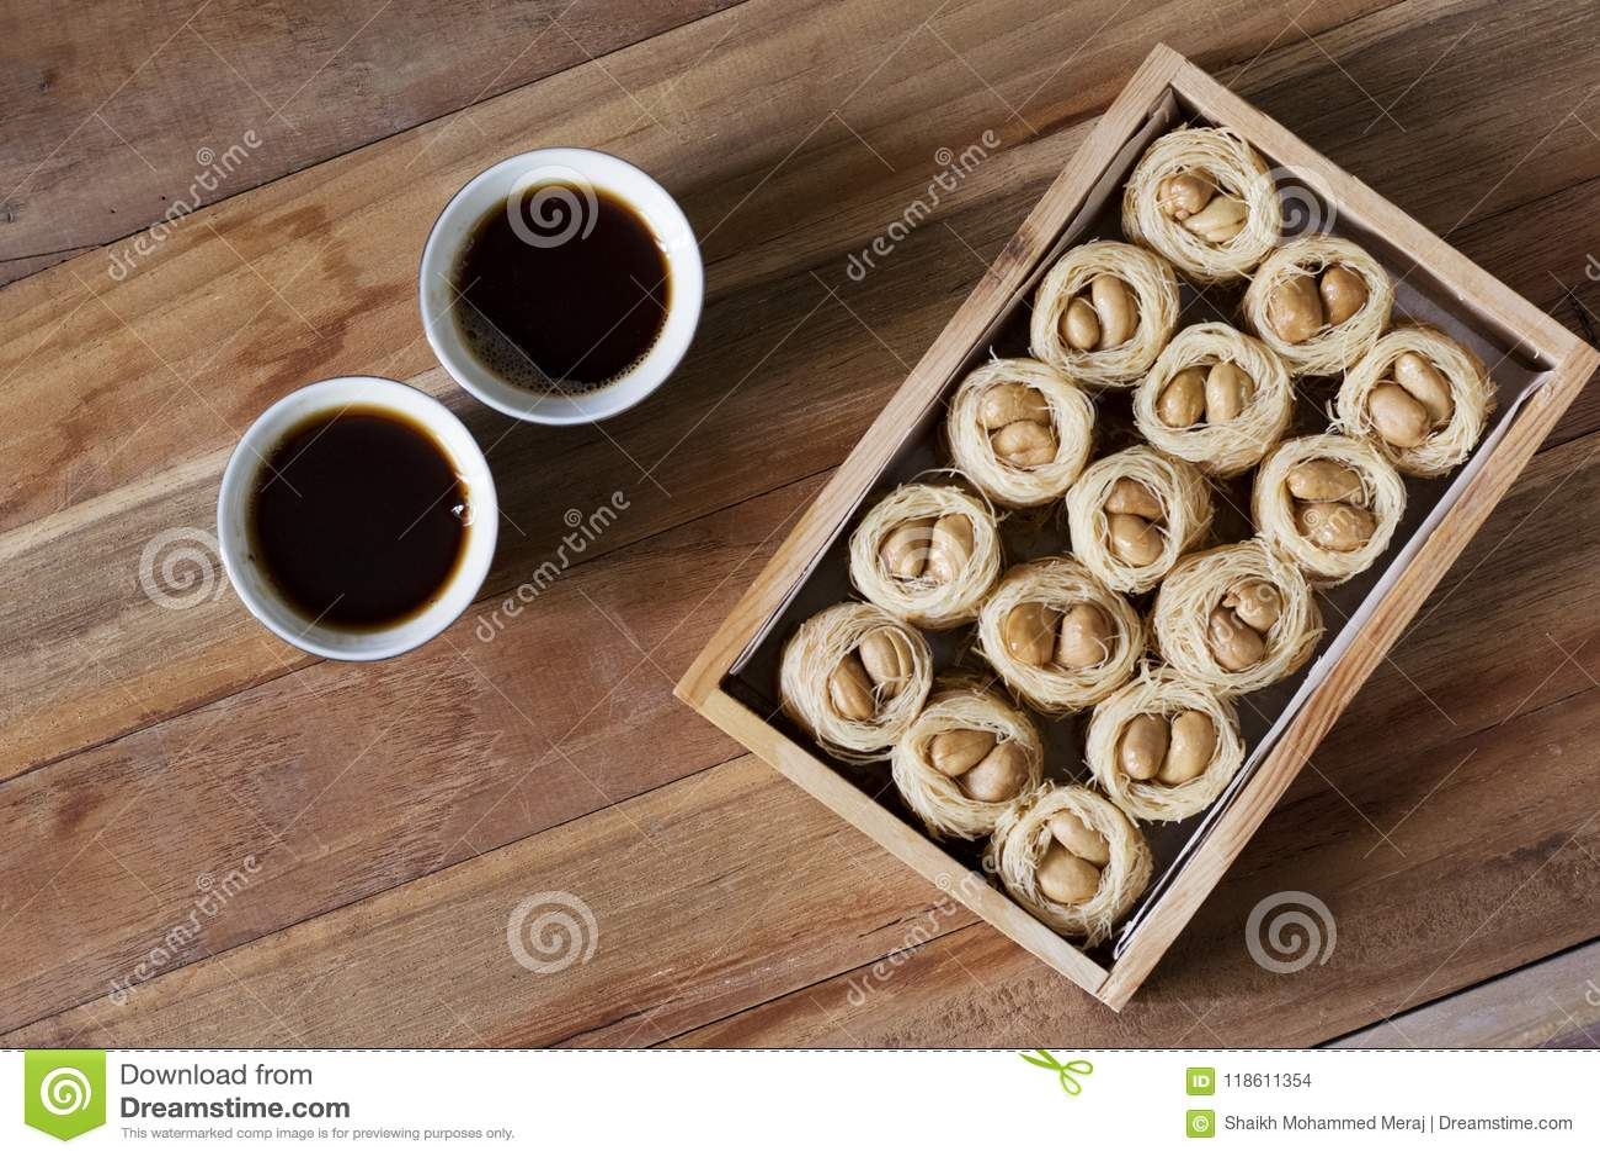 Knafeh de la jerarquía del Bulbul - un bolbol dulce medio-oriental y un café árabe Qahwah del EL del aysh del plato con el fondo